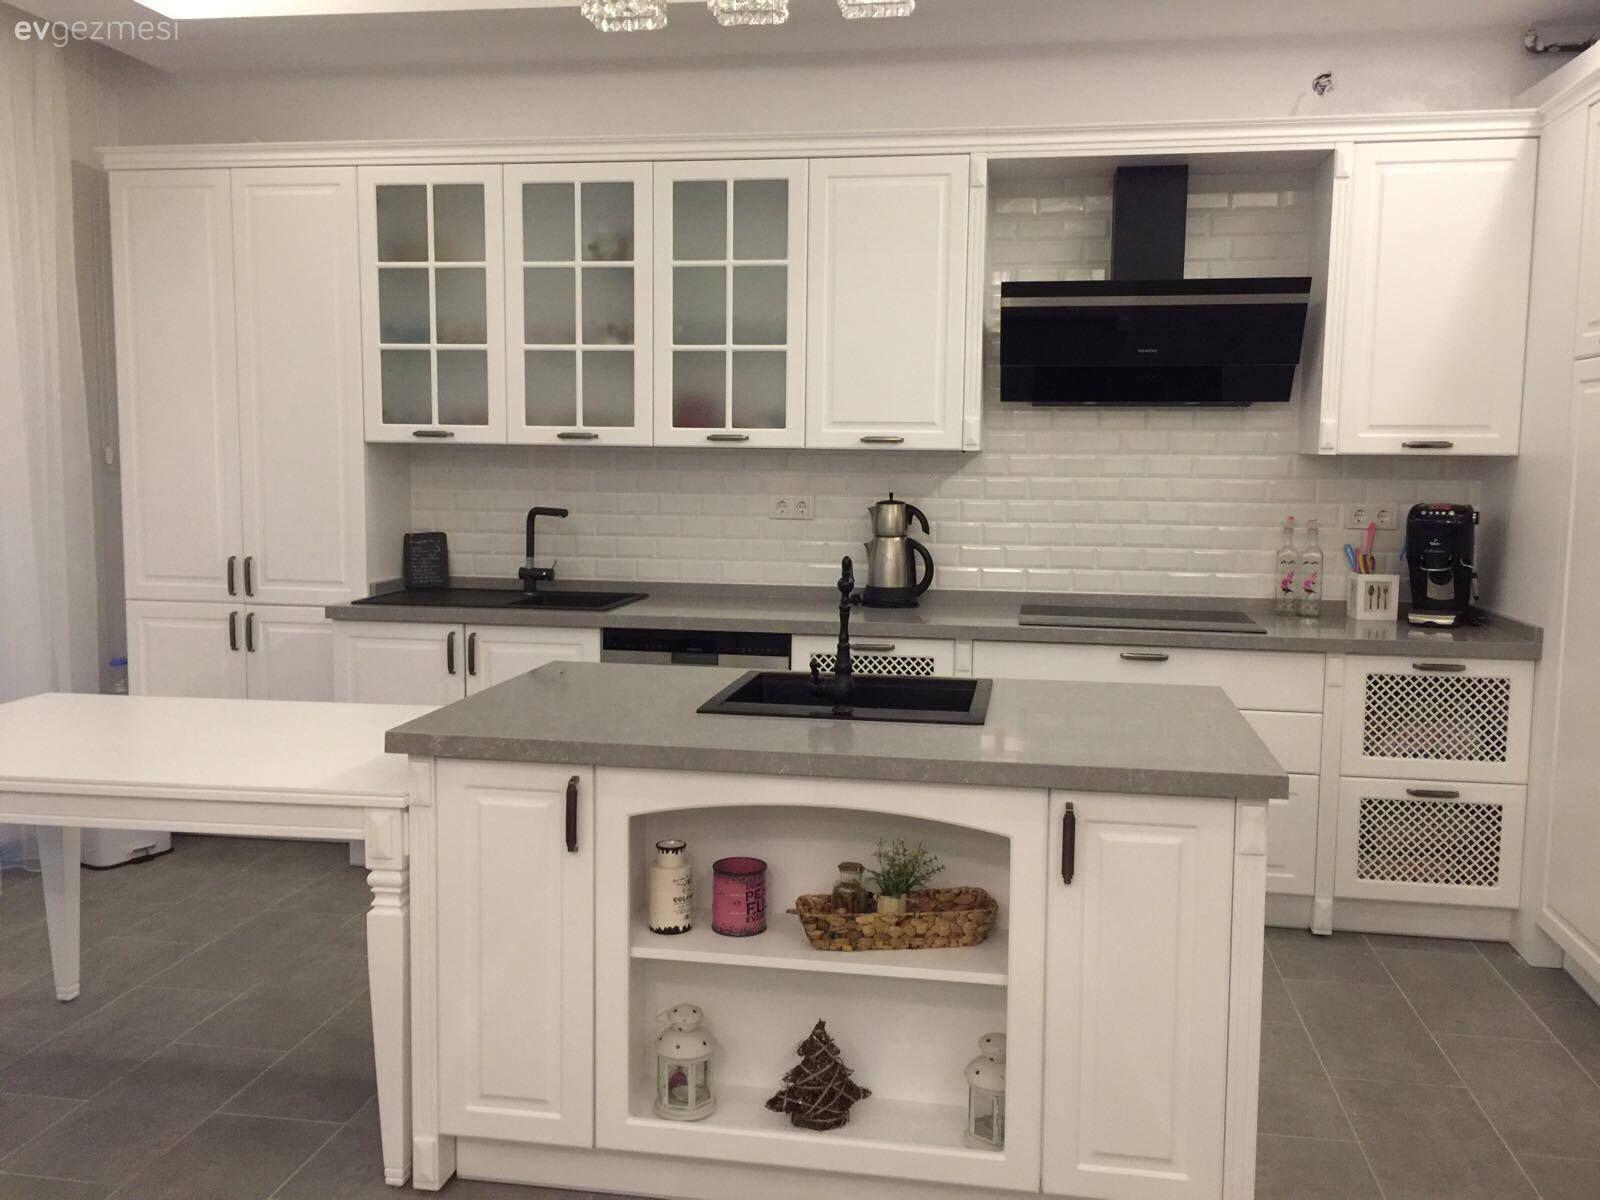 Beyaz Mutfak Dolaplari 1000 Beyaz Mutfak Modeli Ev Gezmesi Beyaz Mutfak Dolaplari Beyaz Mutfaklar Mutfak Tasarimlari